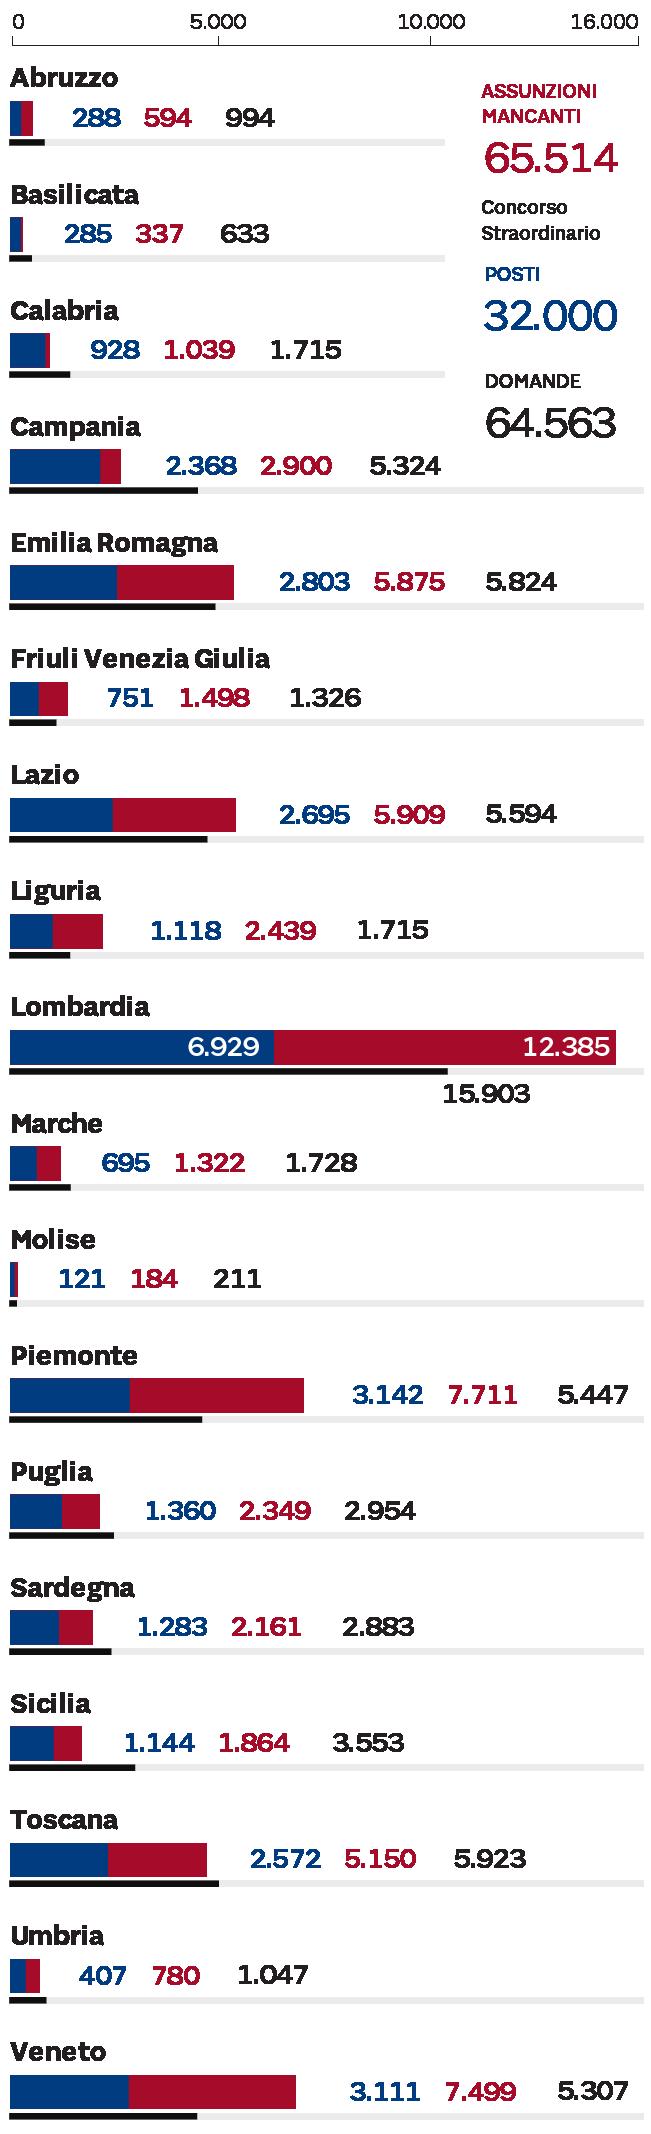 CORSO ALLA CATTEDRA